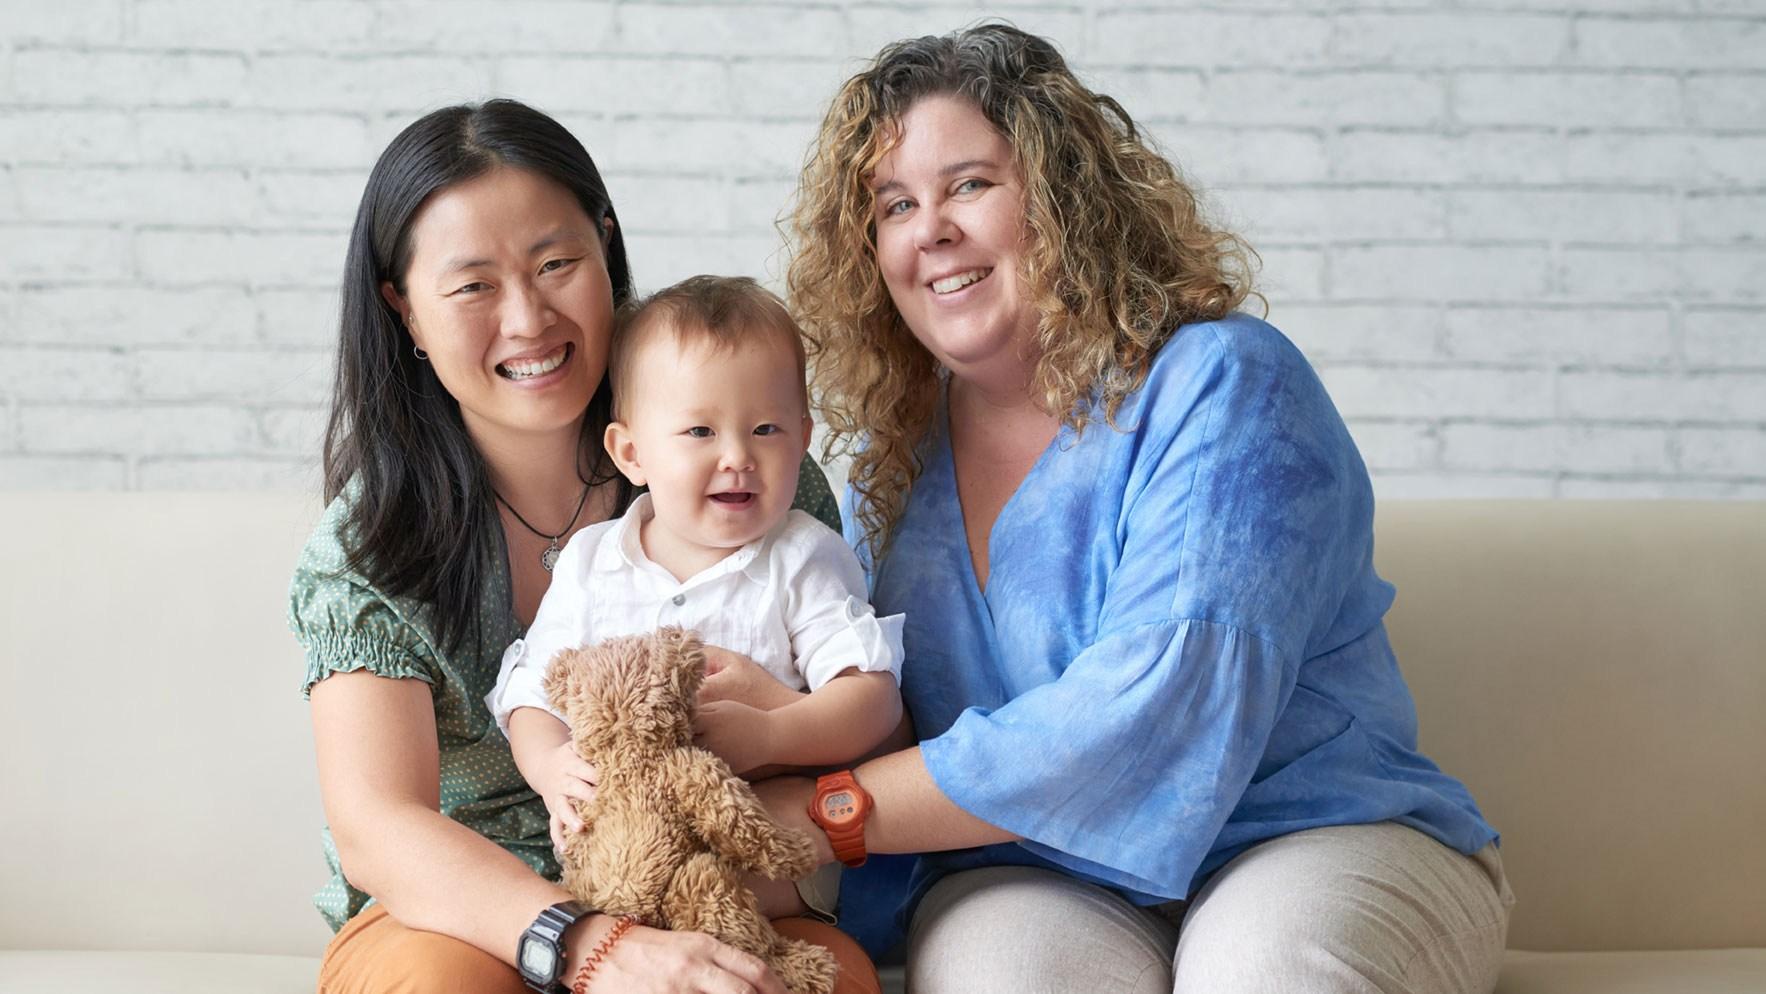 AltText: Adoption Homosexuelle: Verheiratete Lesben haben ein Kind gemeinschaftlich adoptiert.